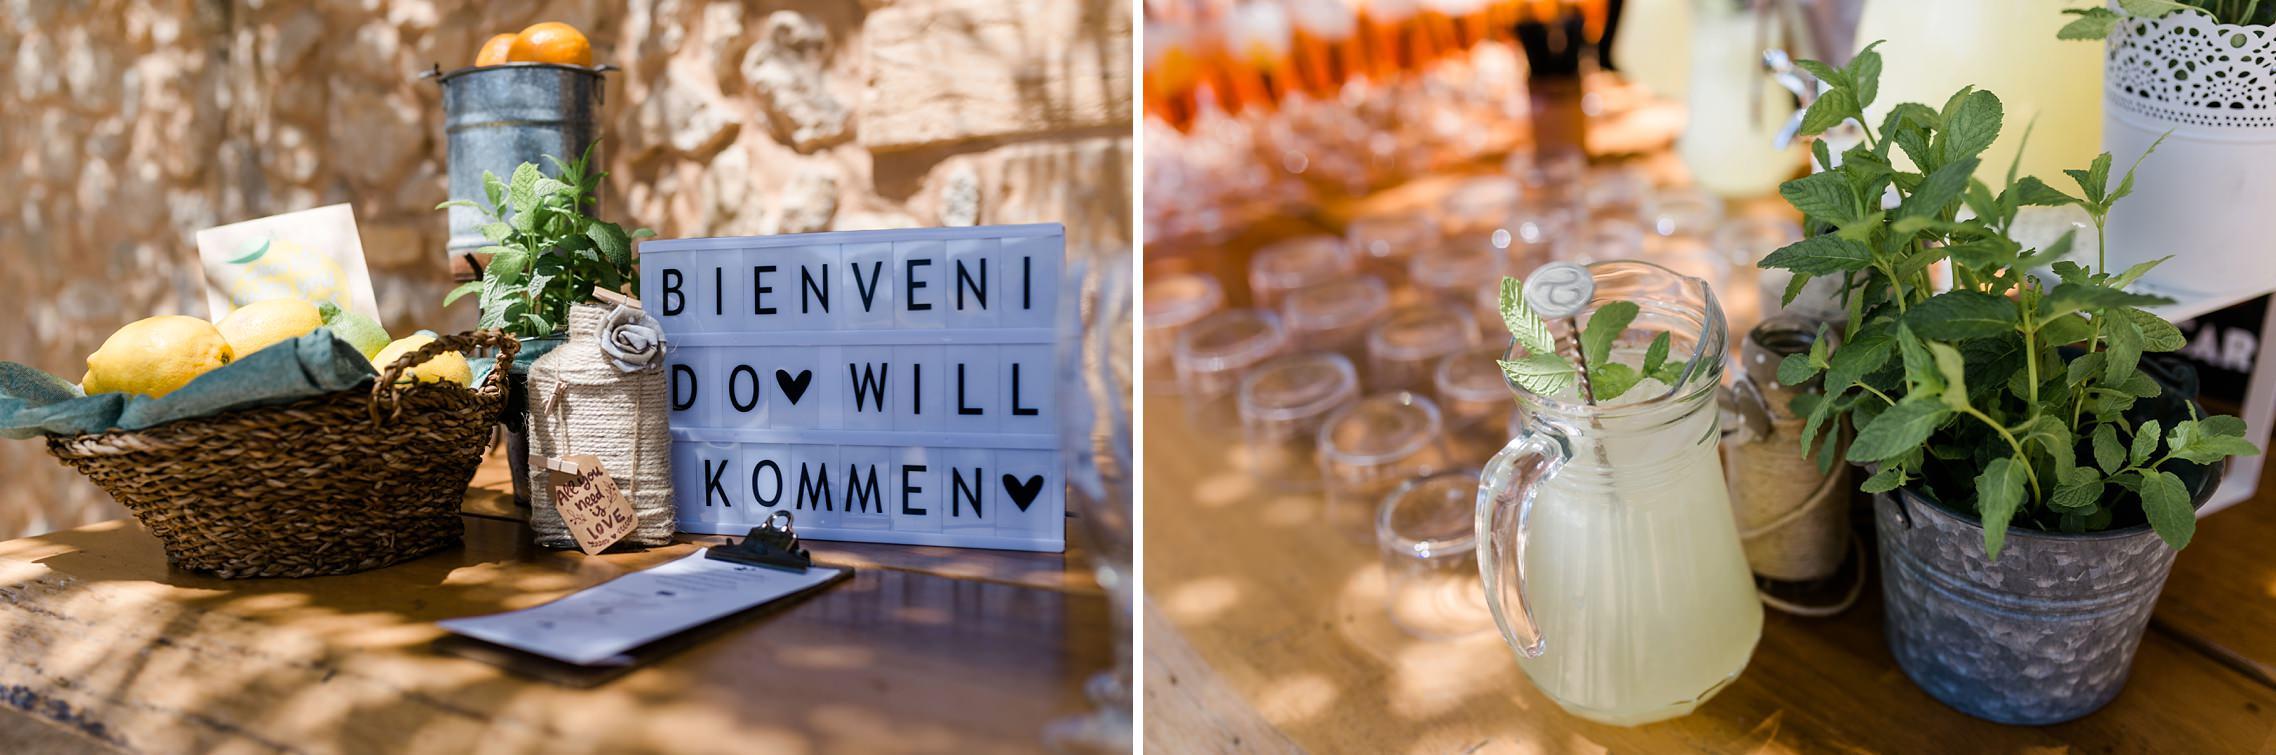 Liebevolle Deko-Details beim Empfang des Brautpaares auf der Finca-Hochzeit